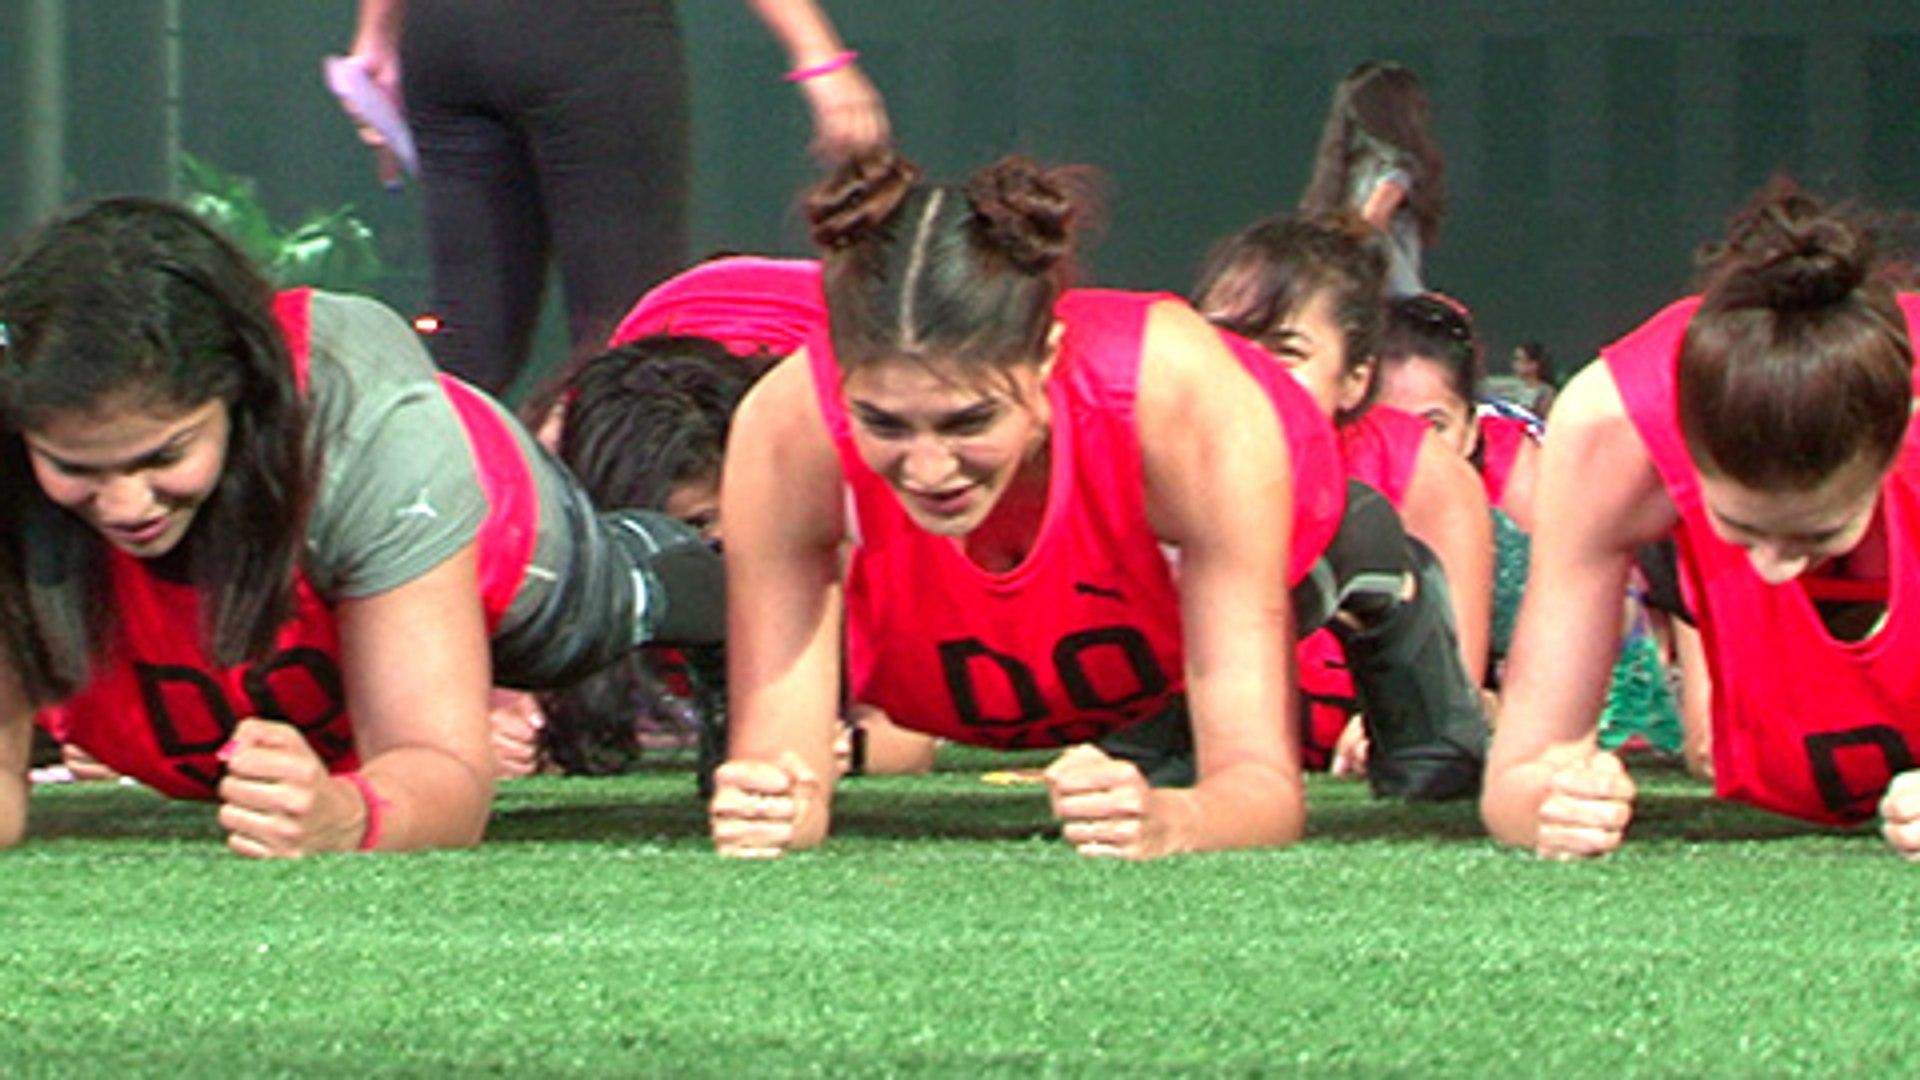 Jacqueline Fernandez, Kalki  New Guinness World Record for Abdominal Plank Position for 60sec